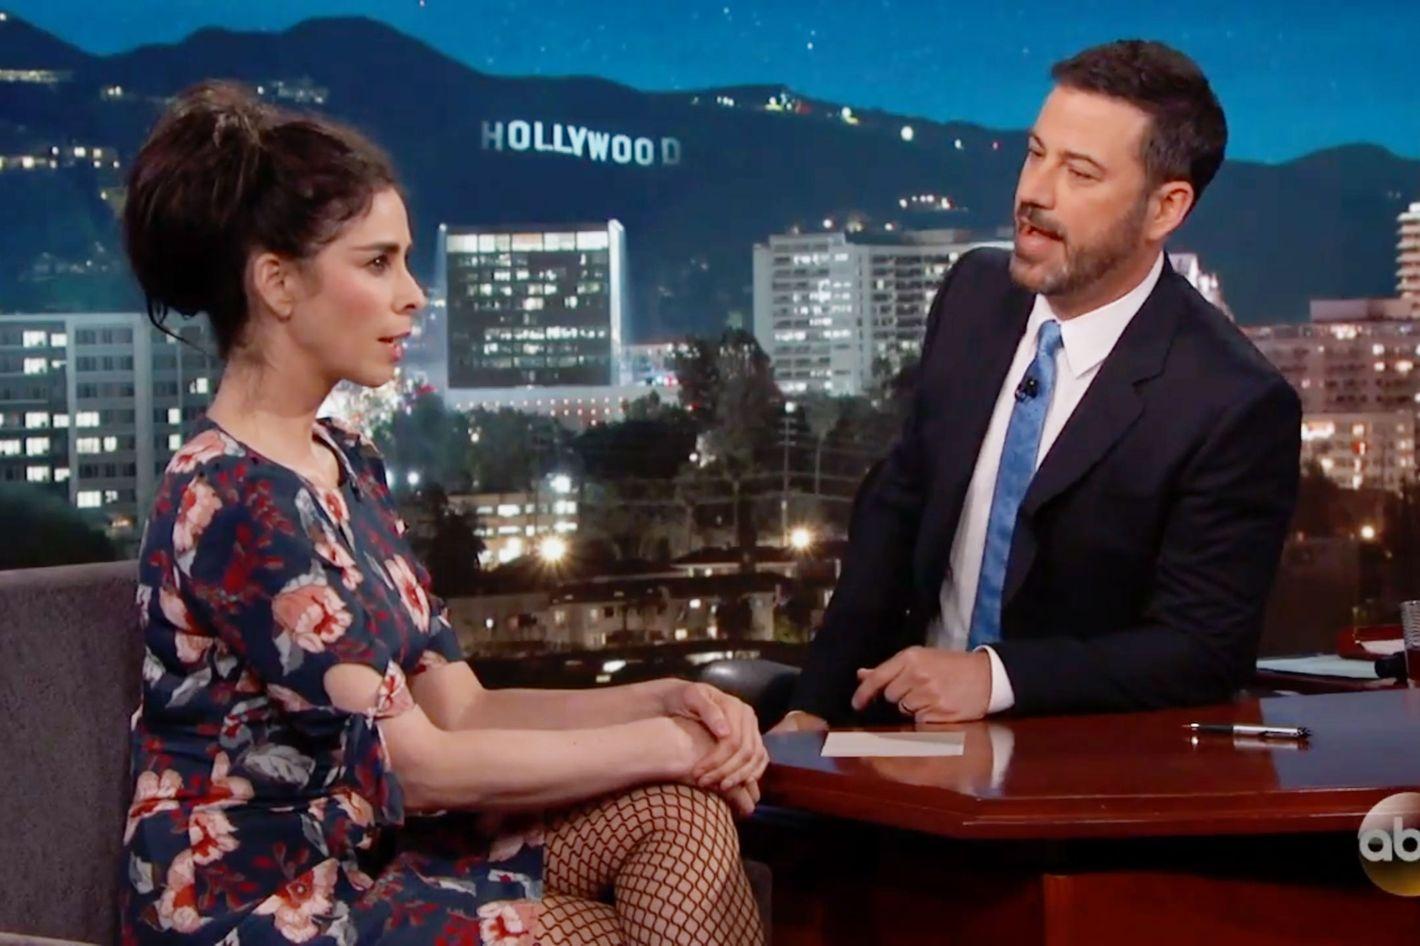 Sarah Silverman Tells Ex Jimmy Kimmel About Her Boyfriend